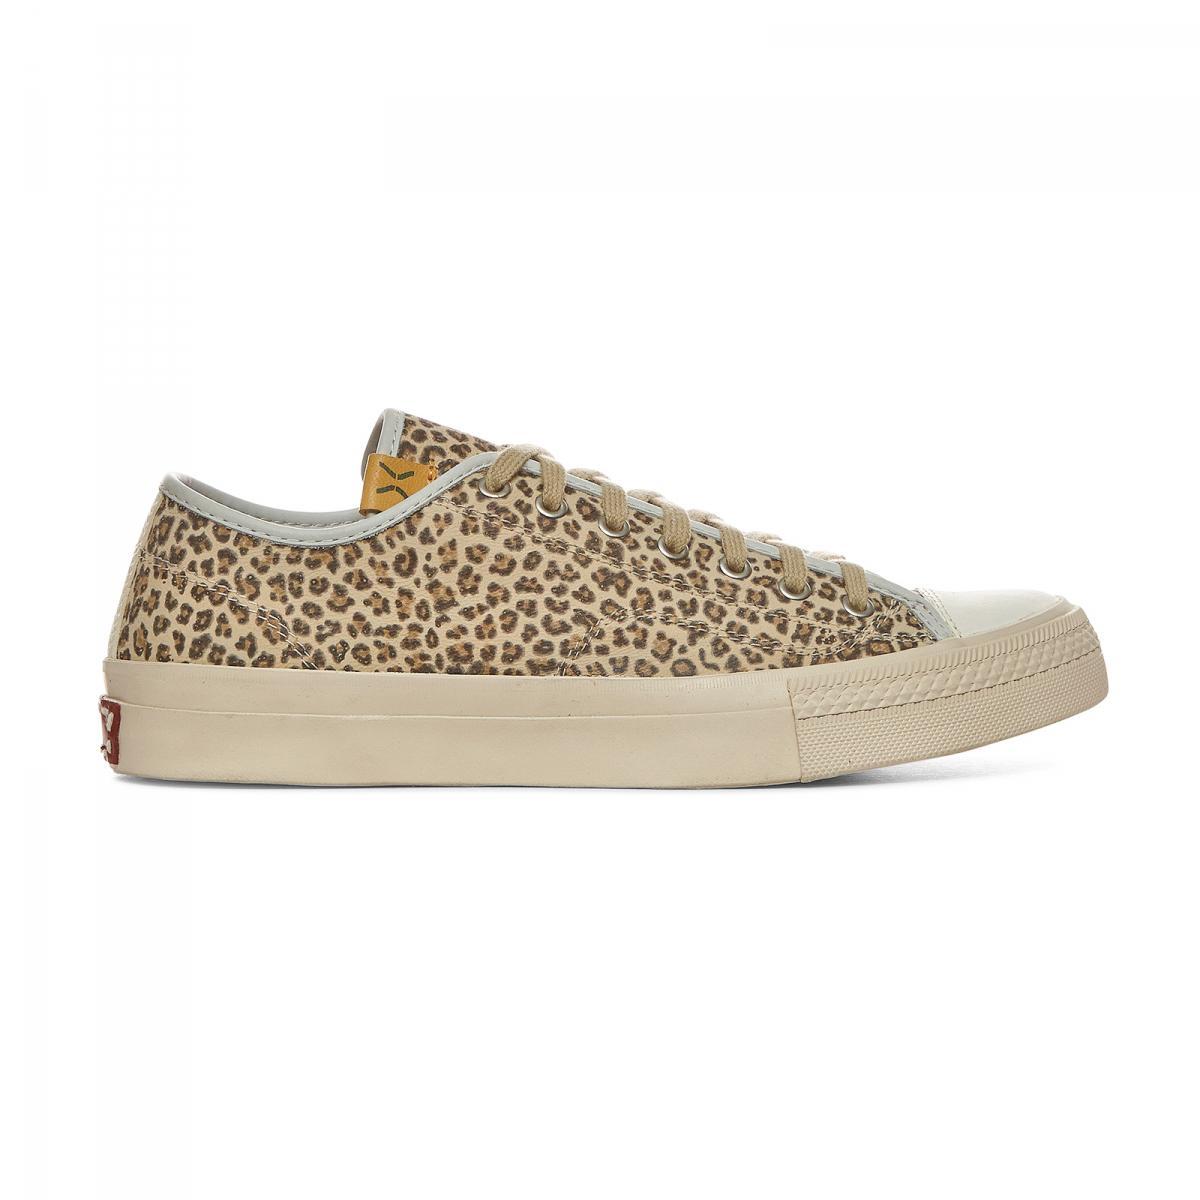 Visvim Leather Skagway Lo Leopard Sneakers